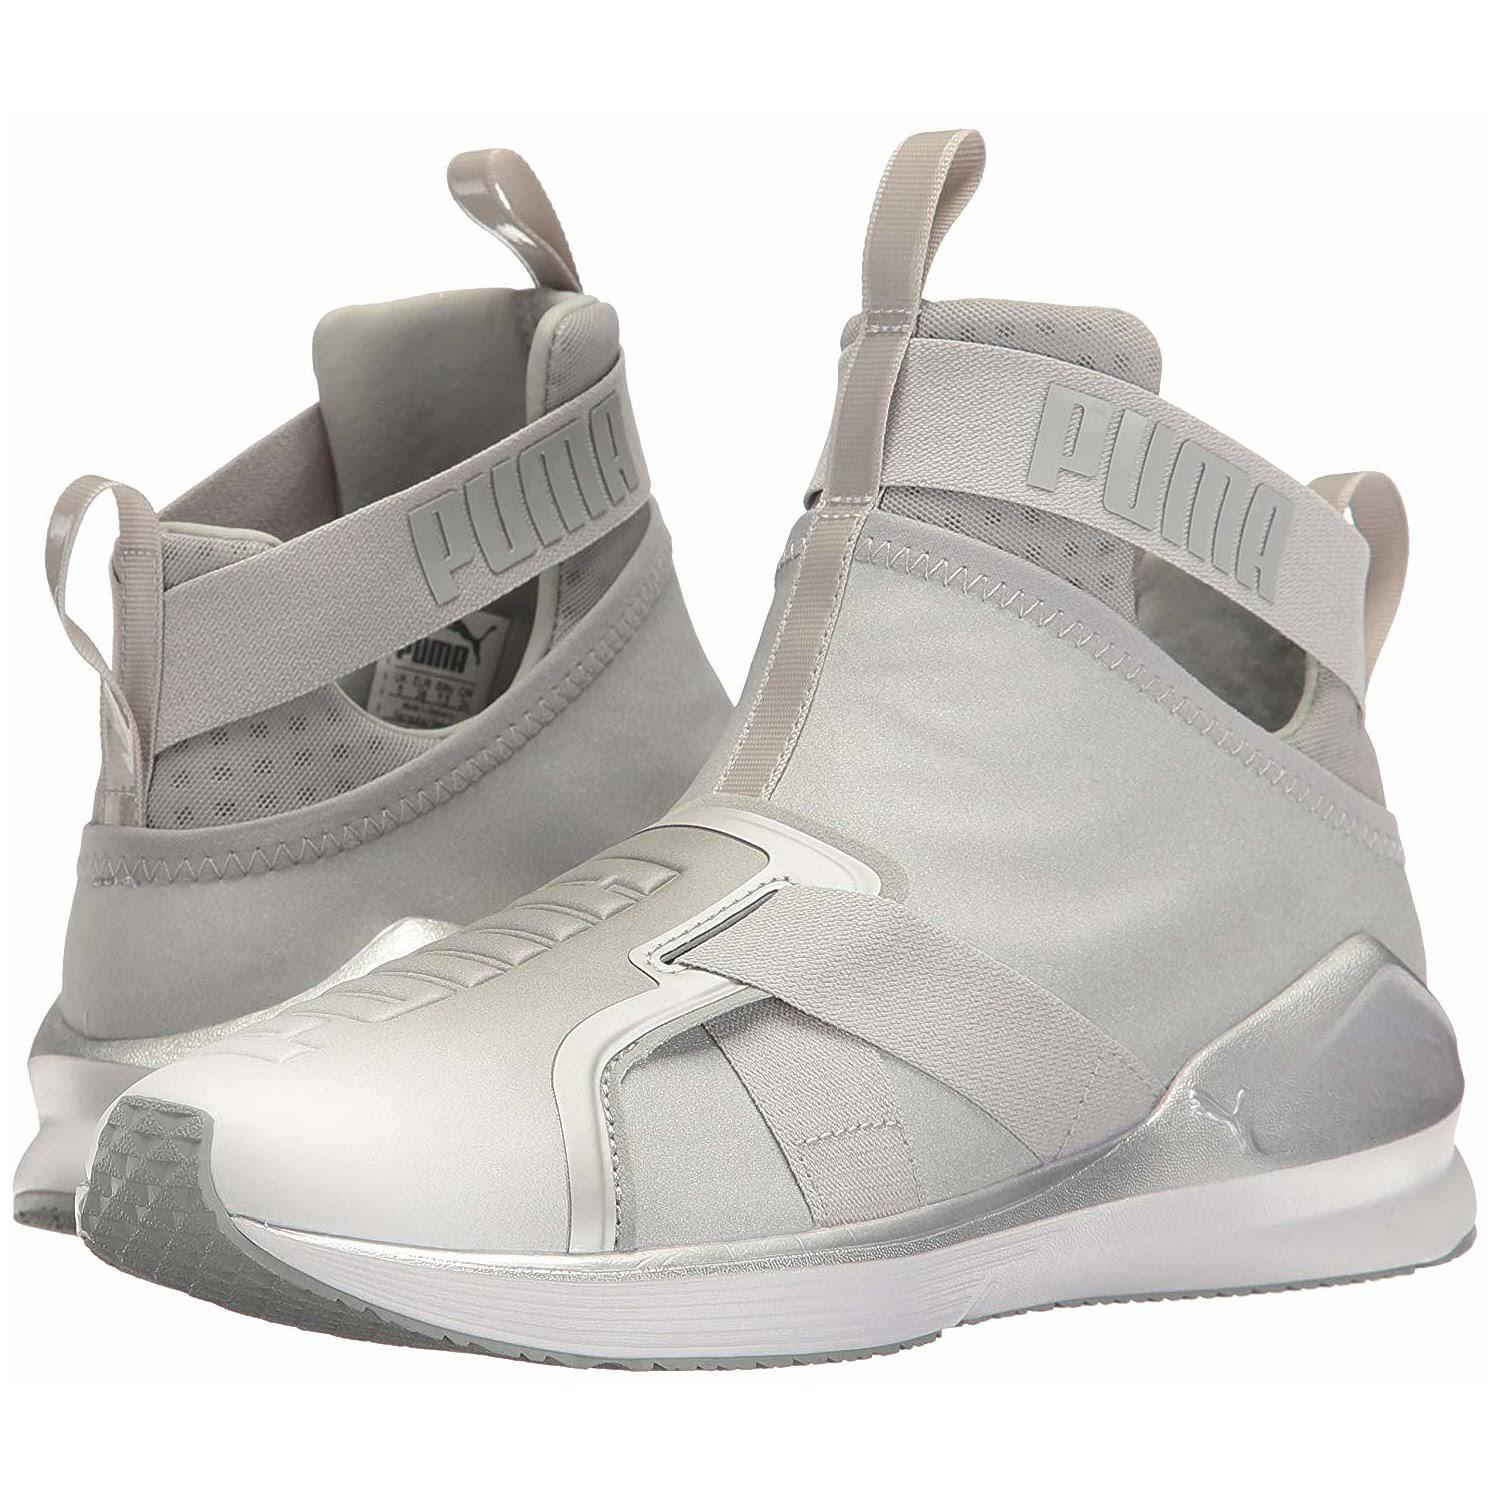 Puma Fierce De Zapatillas Mujer Cross Core trainer Caq8tEx7nw